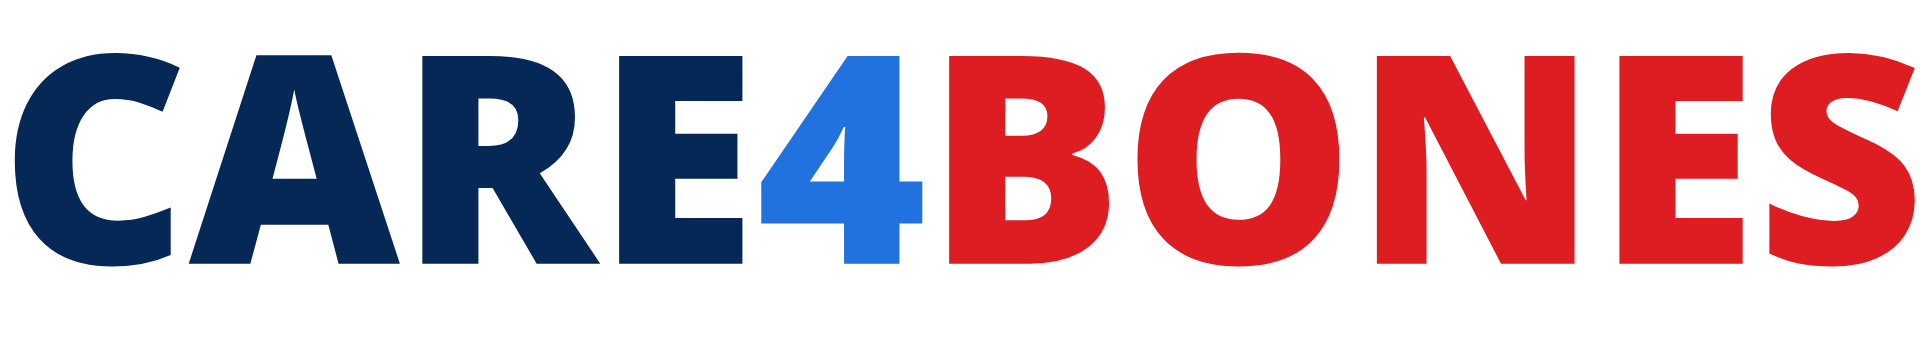 Care4Bones logo